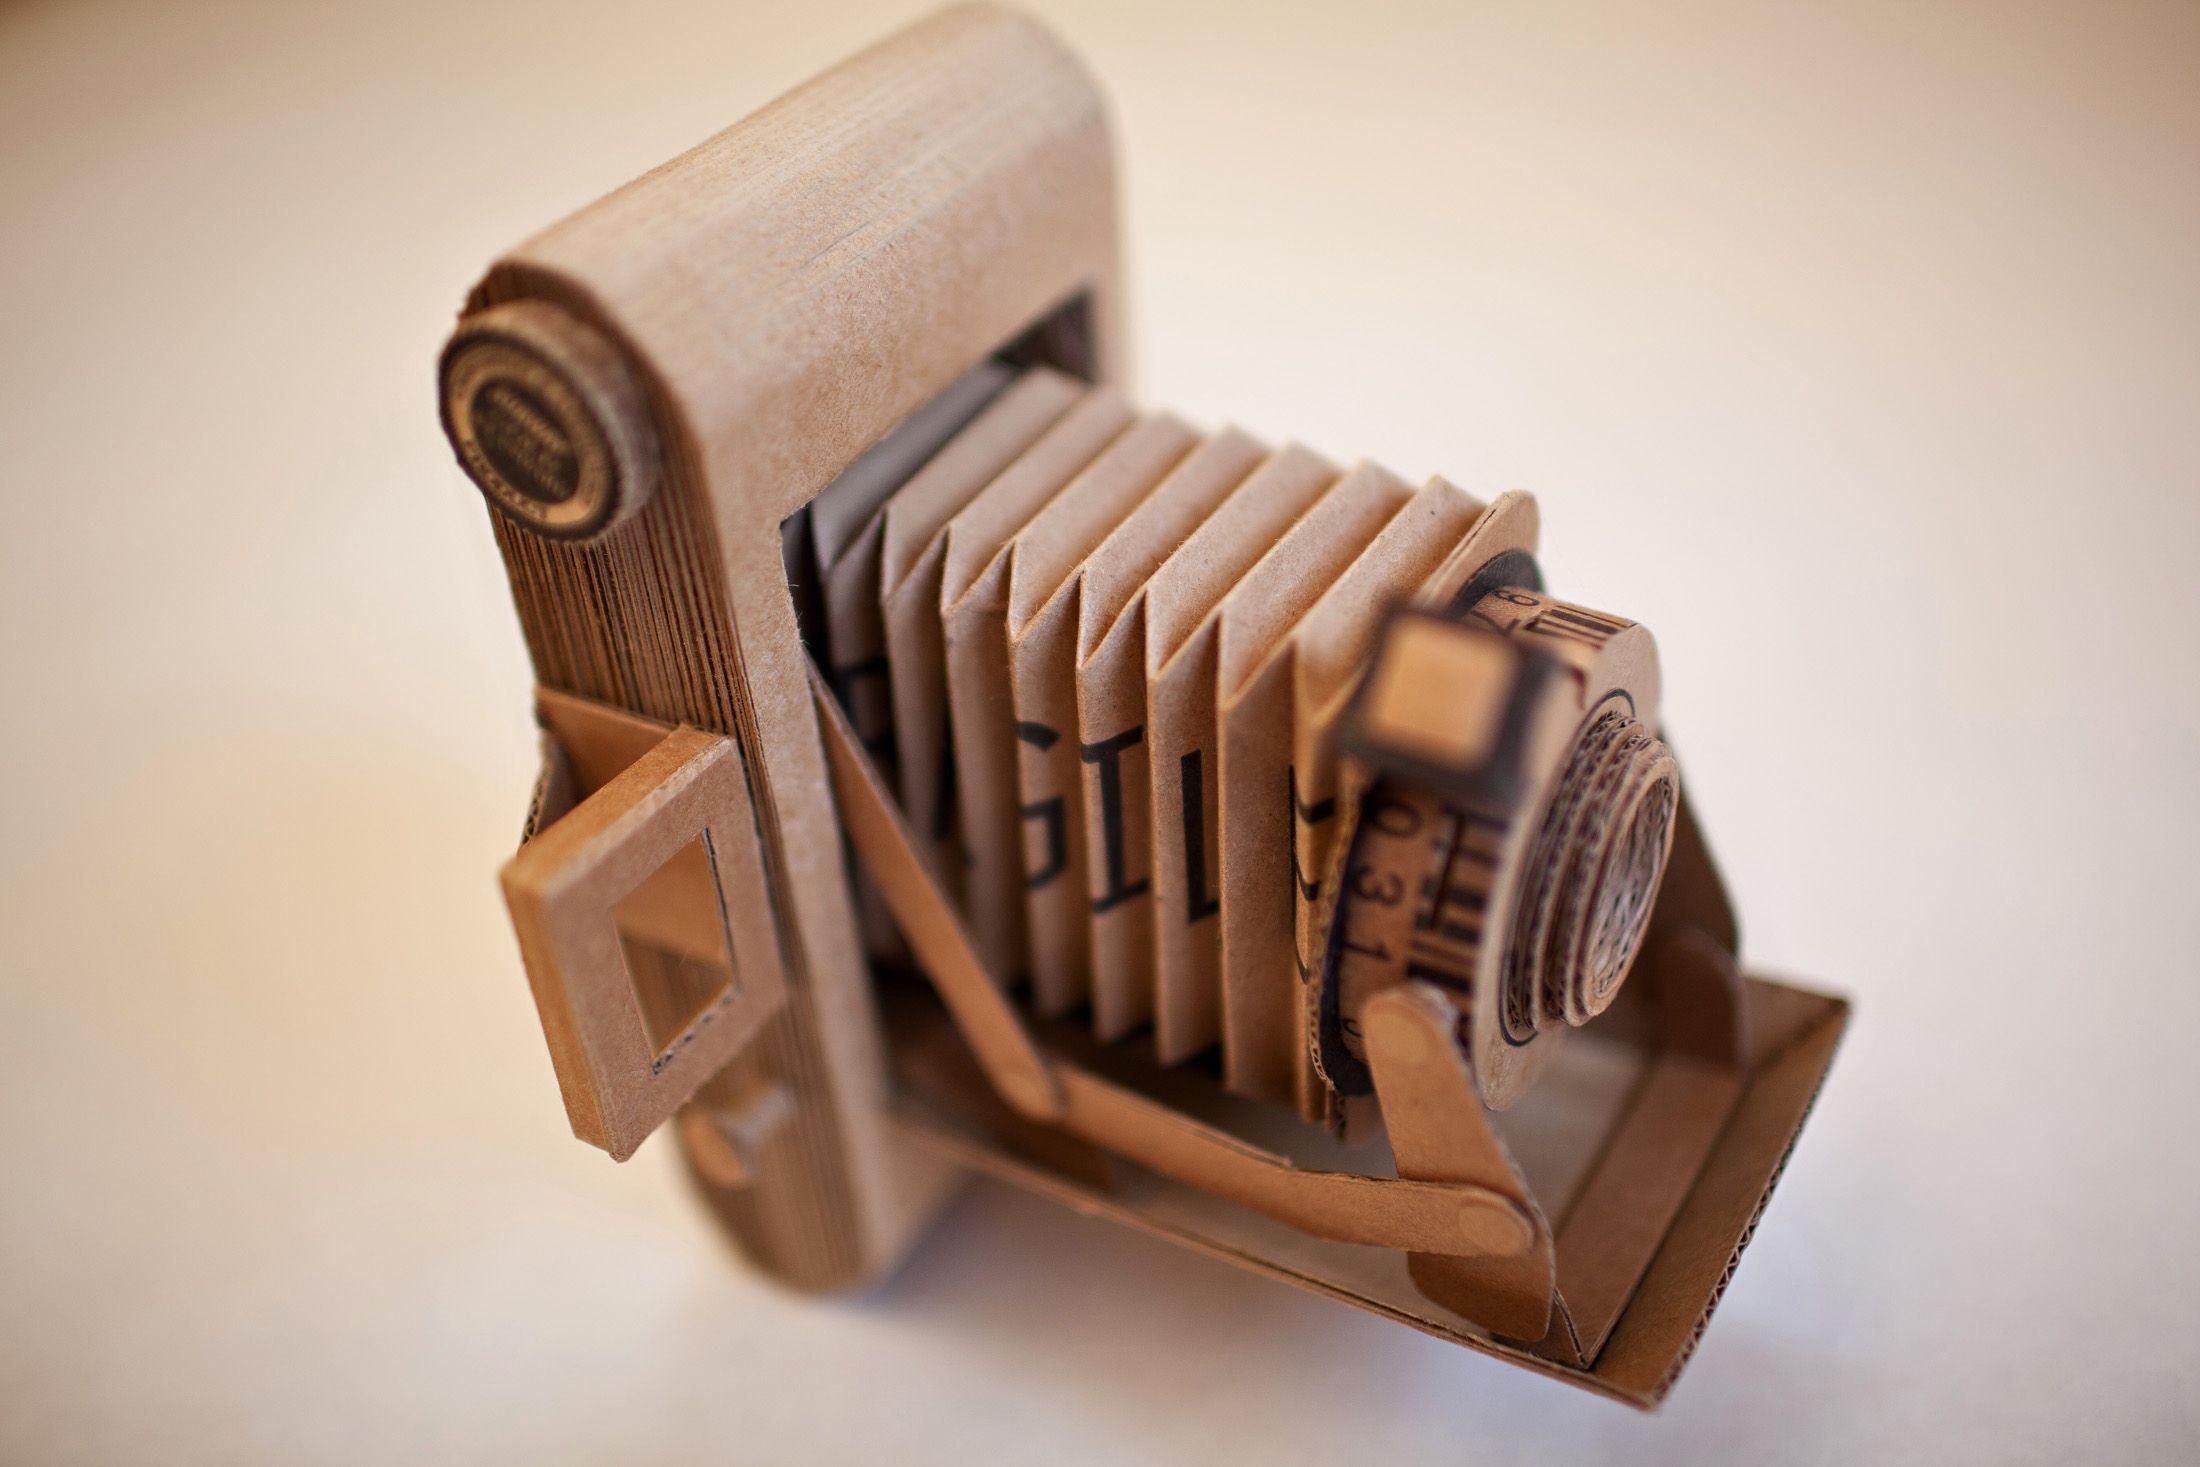 одной дешевый картонный фотоаппарат находится